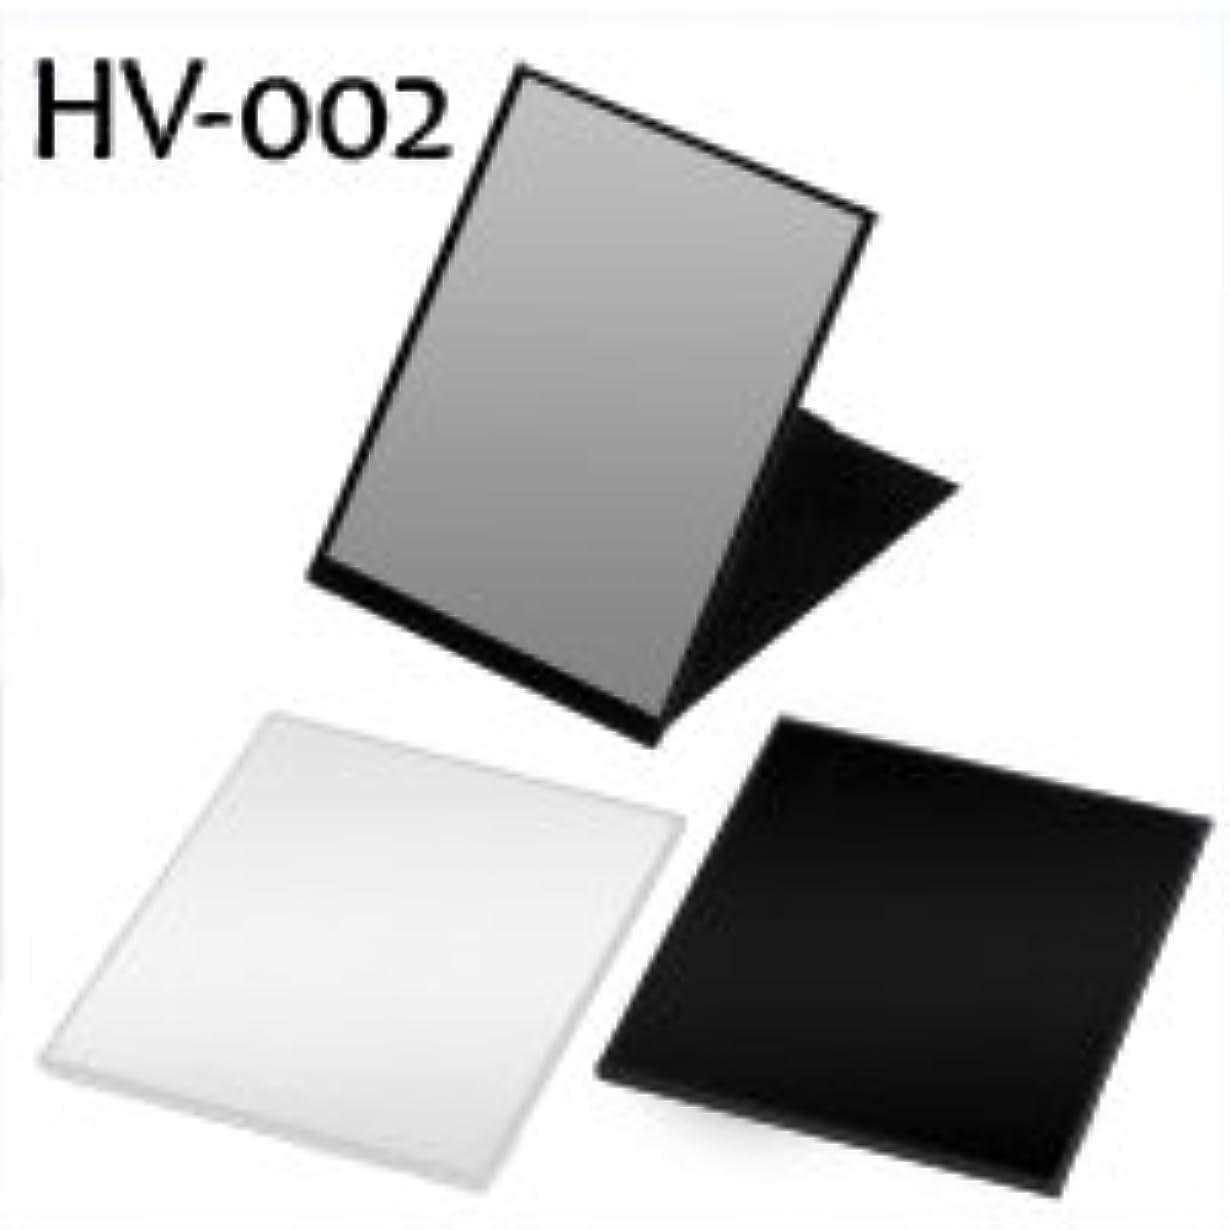 浸食土砂降りサーマルハイパービュースリム&ライトコンパクトミラー(L) HV-002 ブラック